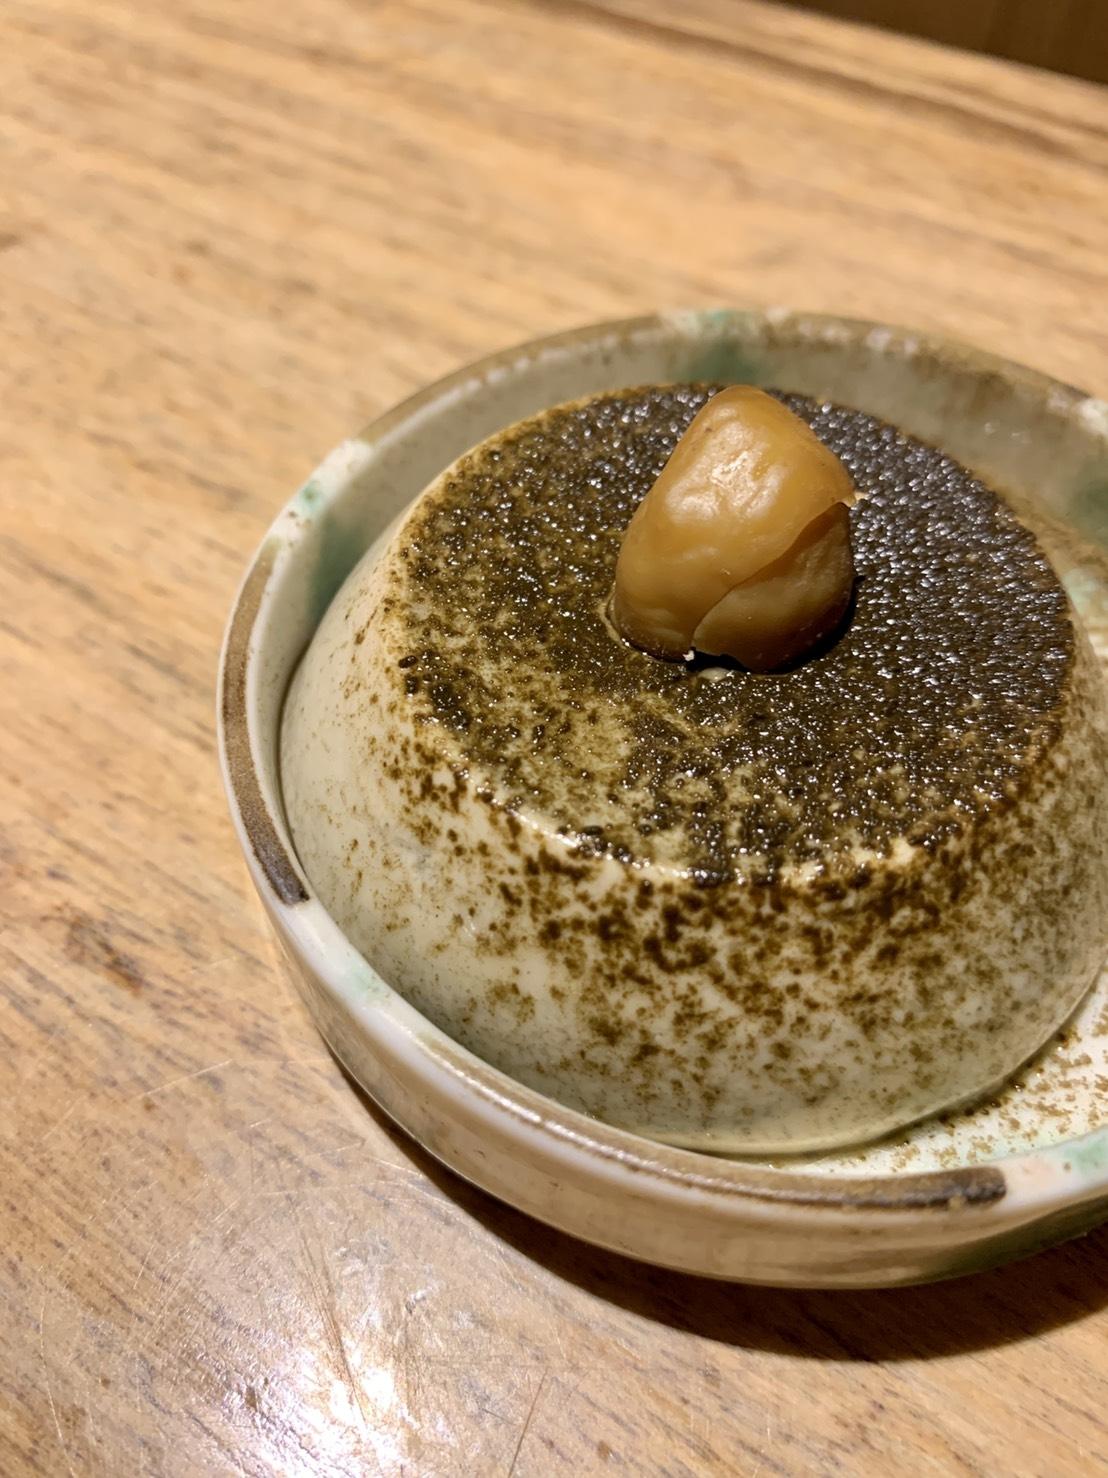 一次就能吃到全雞串燒!米其林推薦「台北鳥喜」台灣限定套餐登場,15道料理帶你重溫日本正宗燒鳥